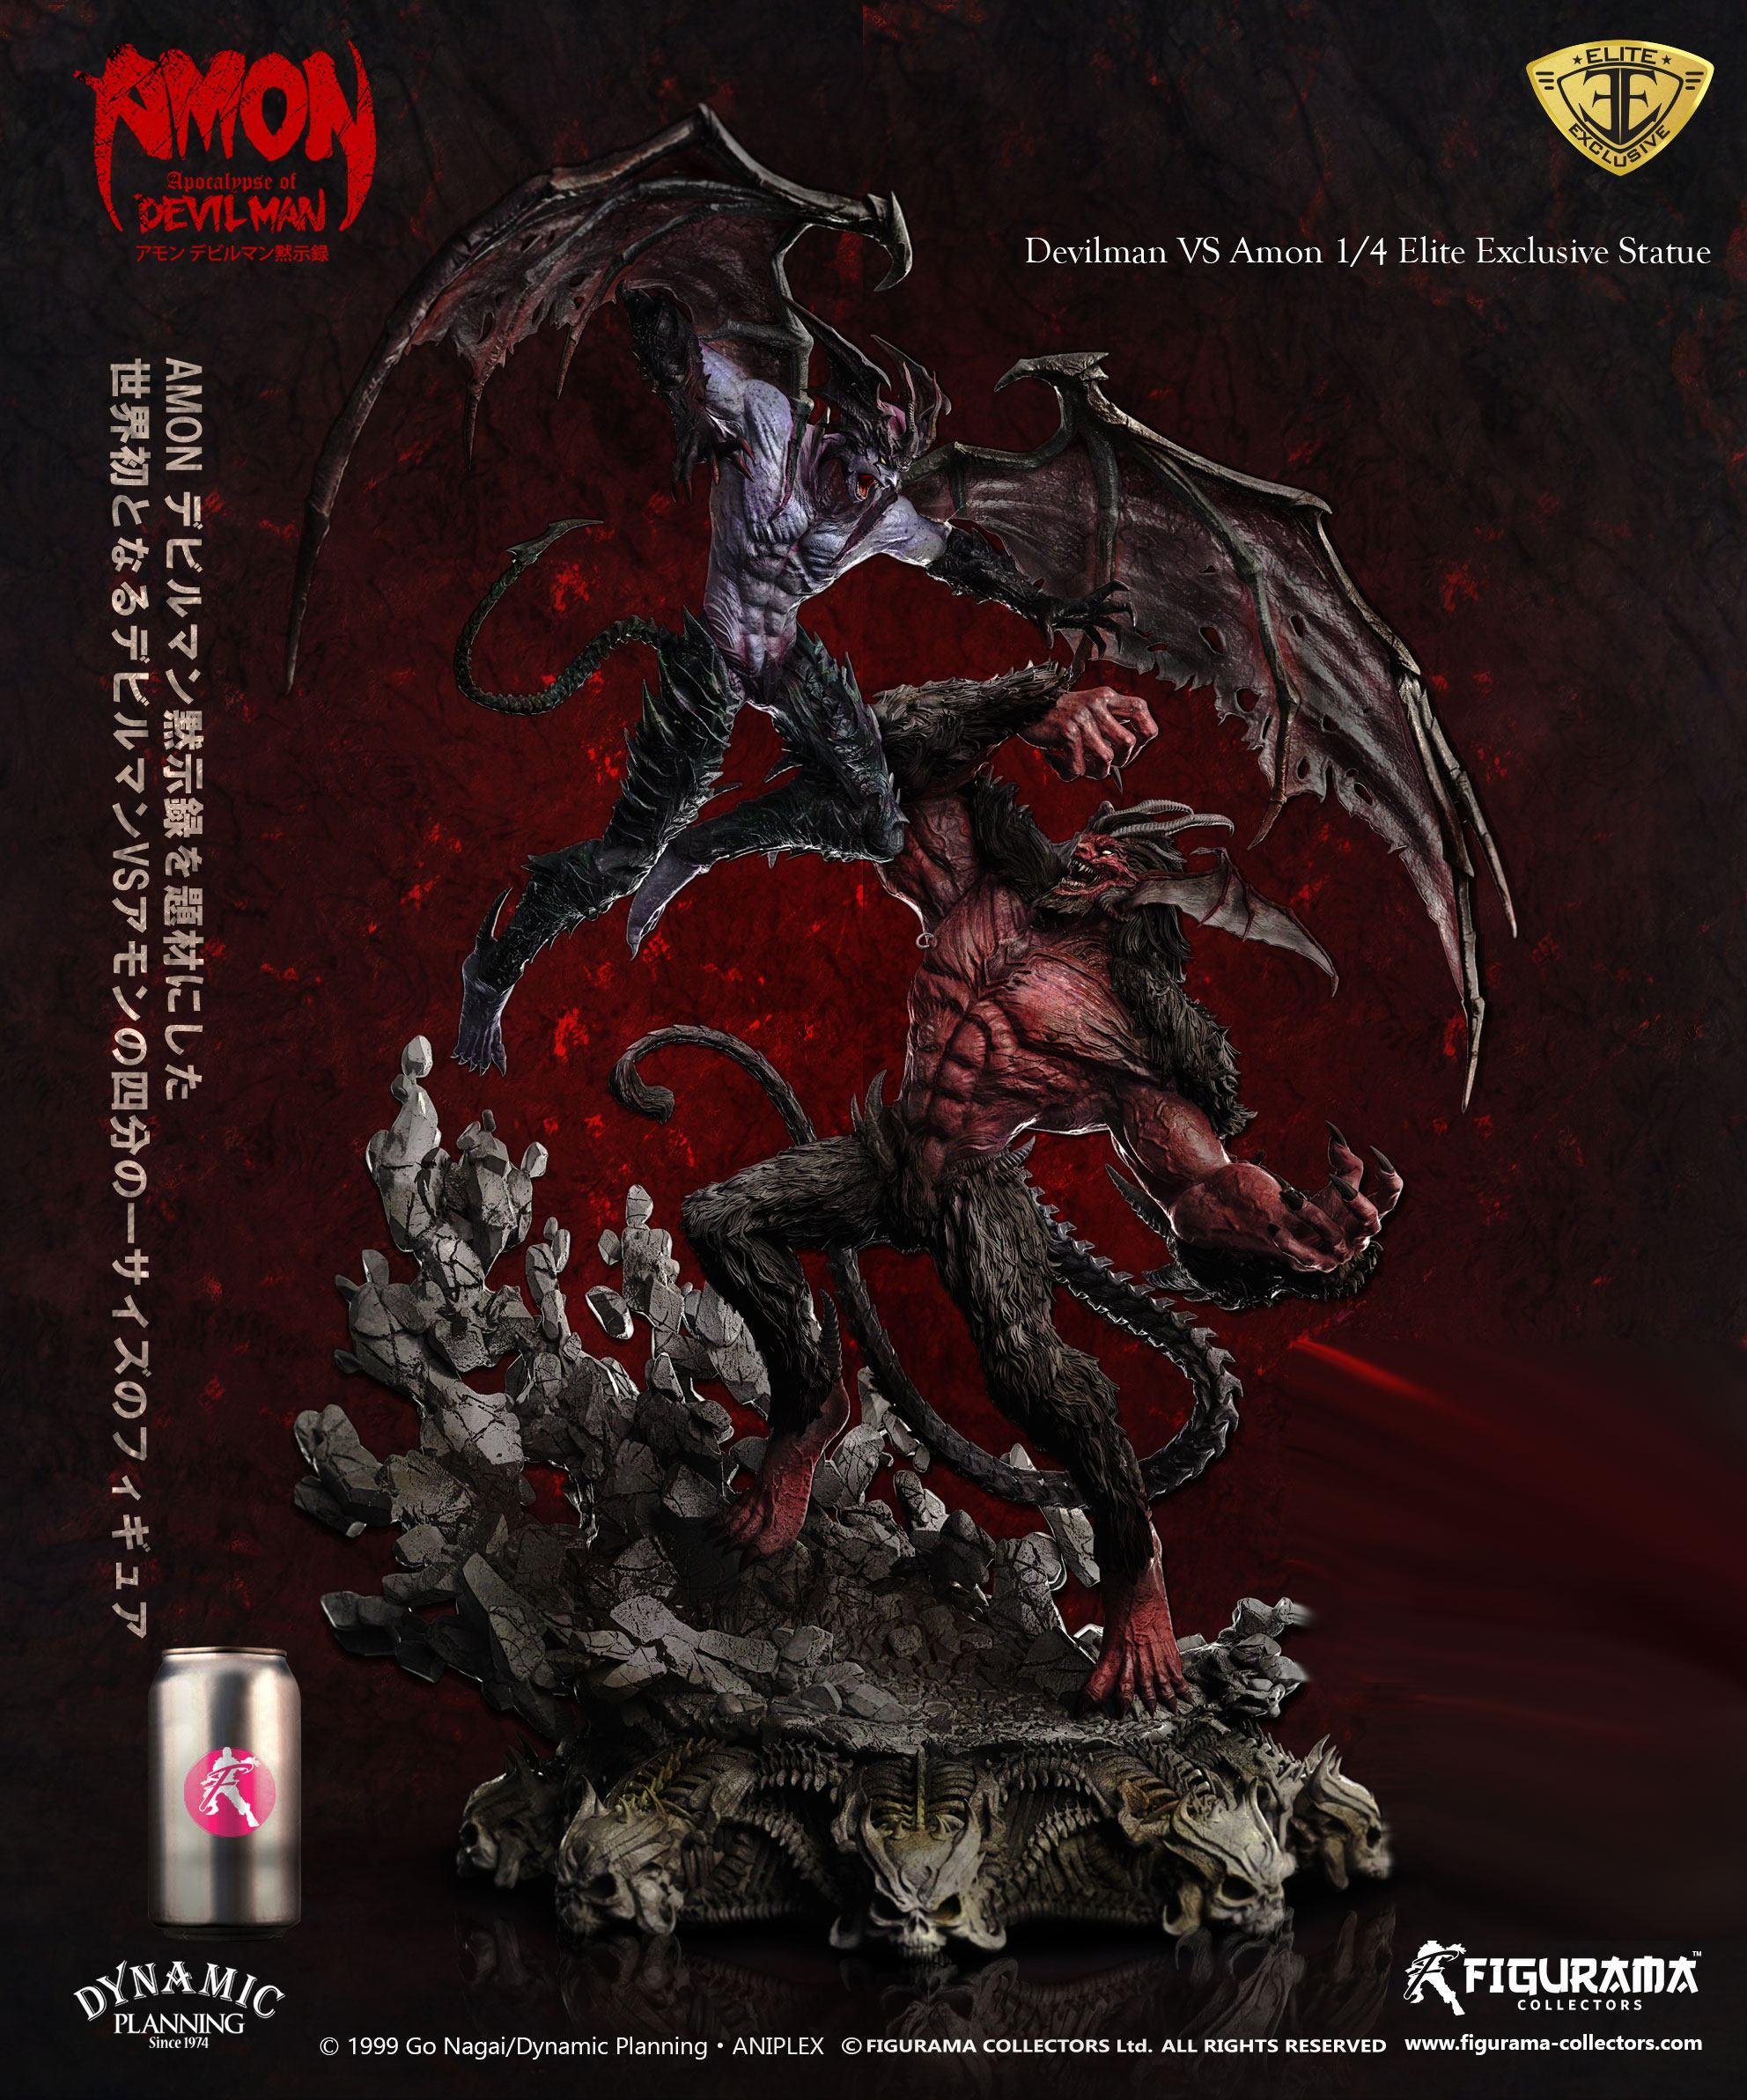 Amon The Apocalypse Of Devilman Elite Exclusive Statue 1/4